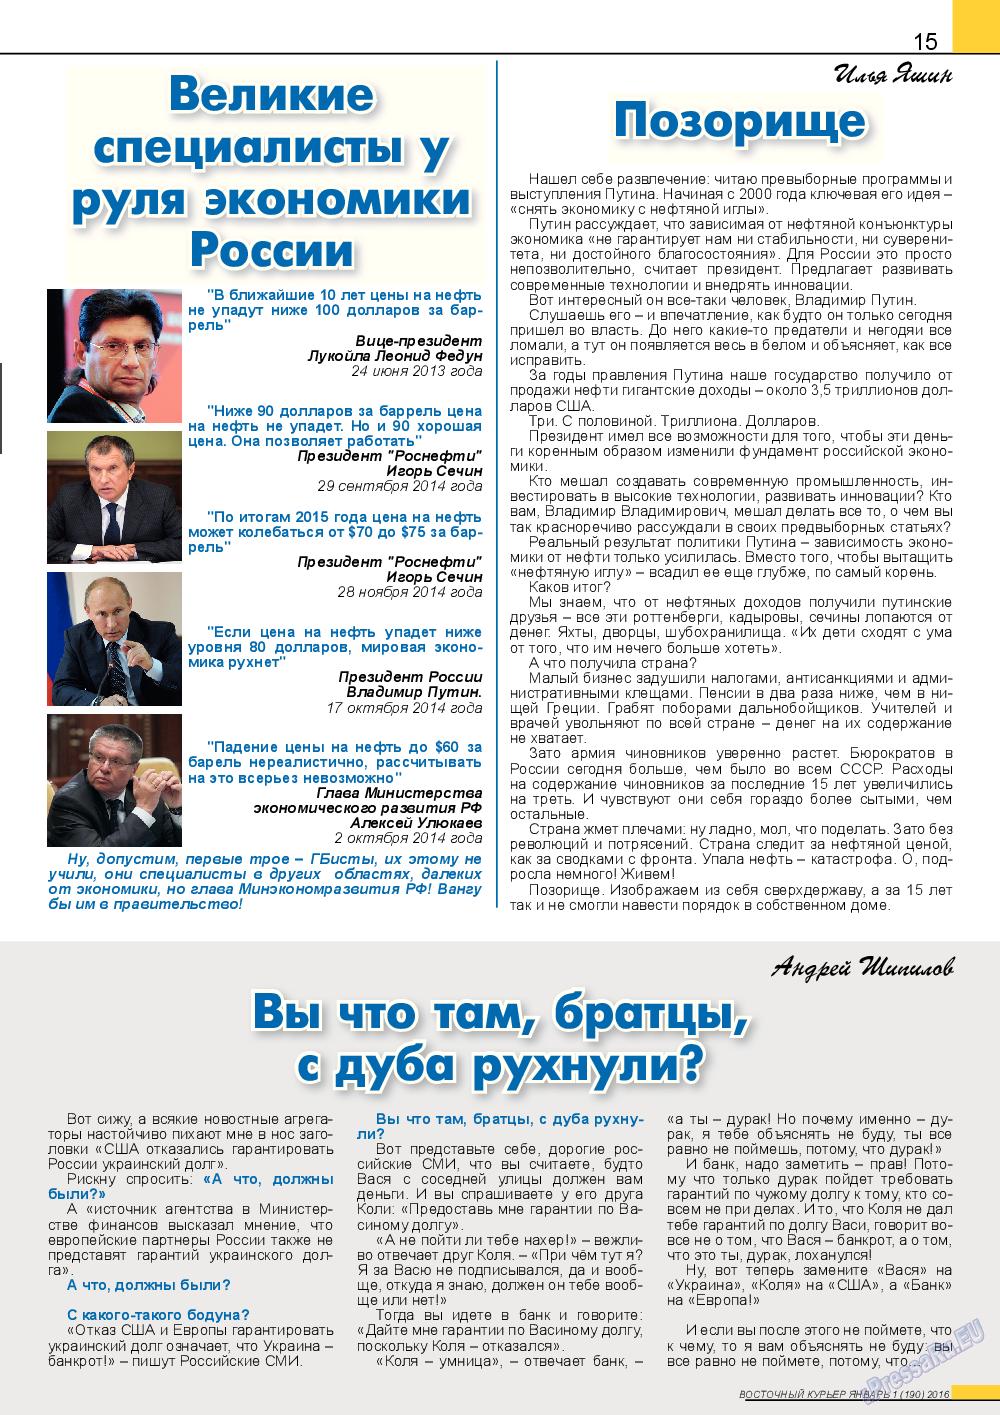 Восточный курьер (журнал). 2016 год, номер 1, стр. 15